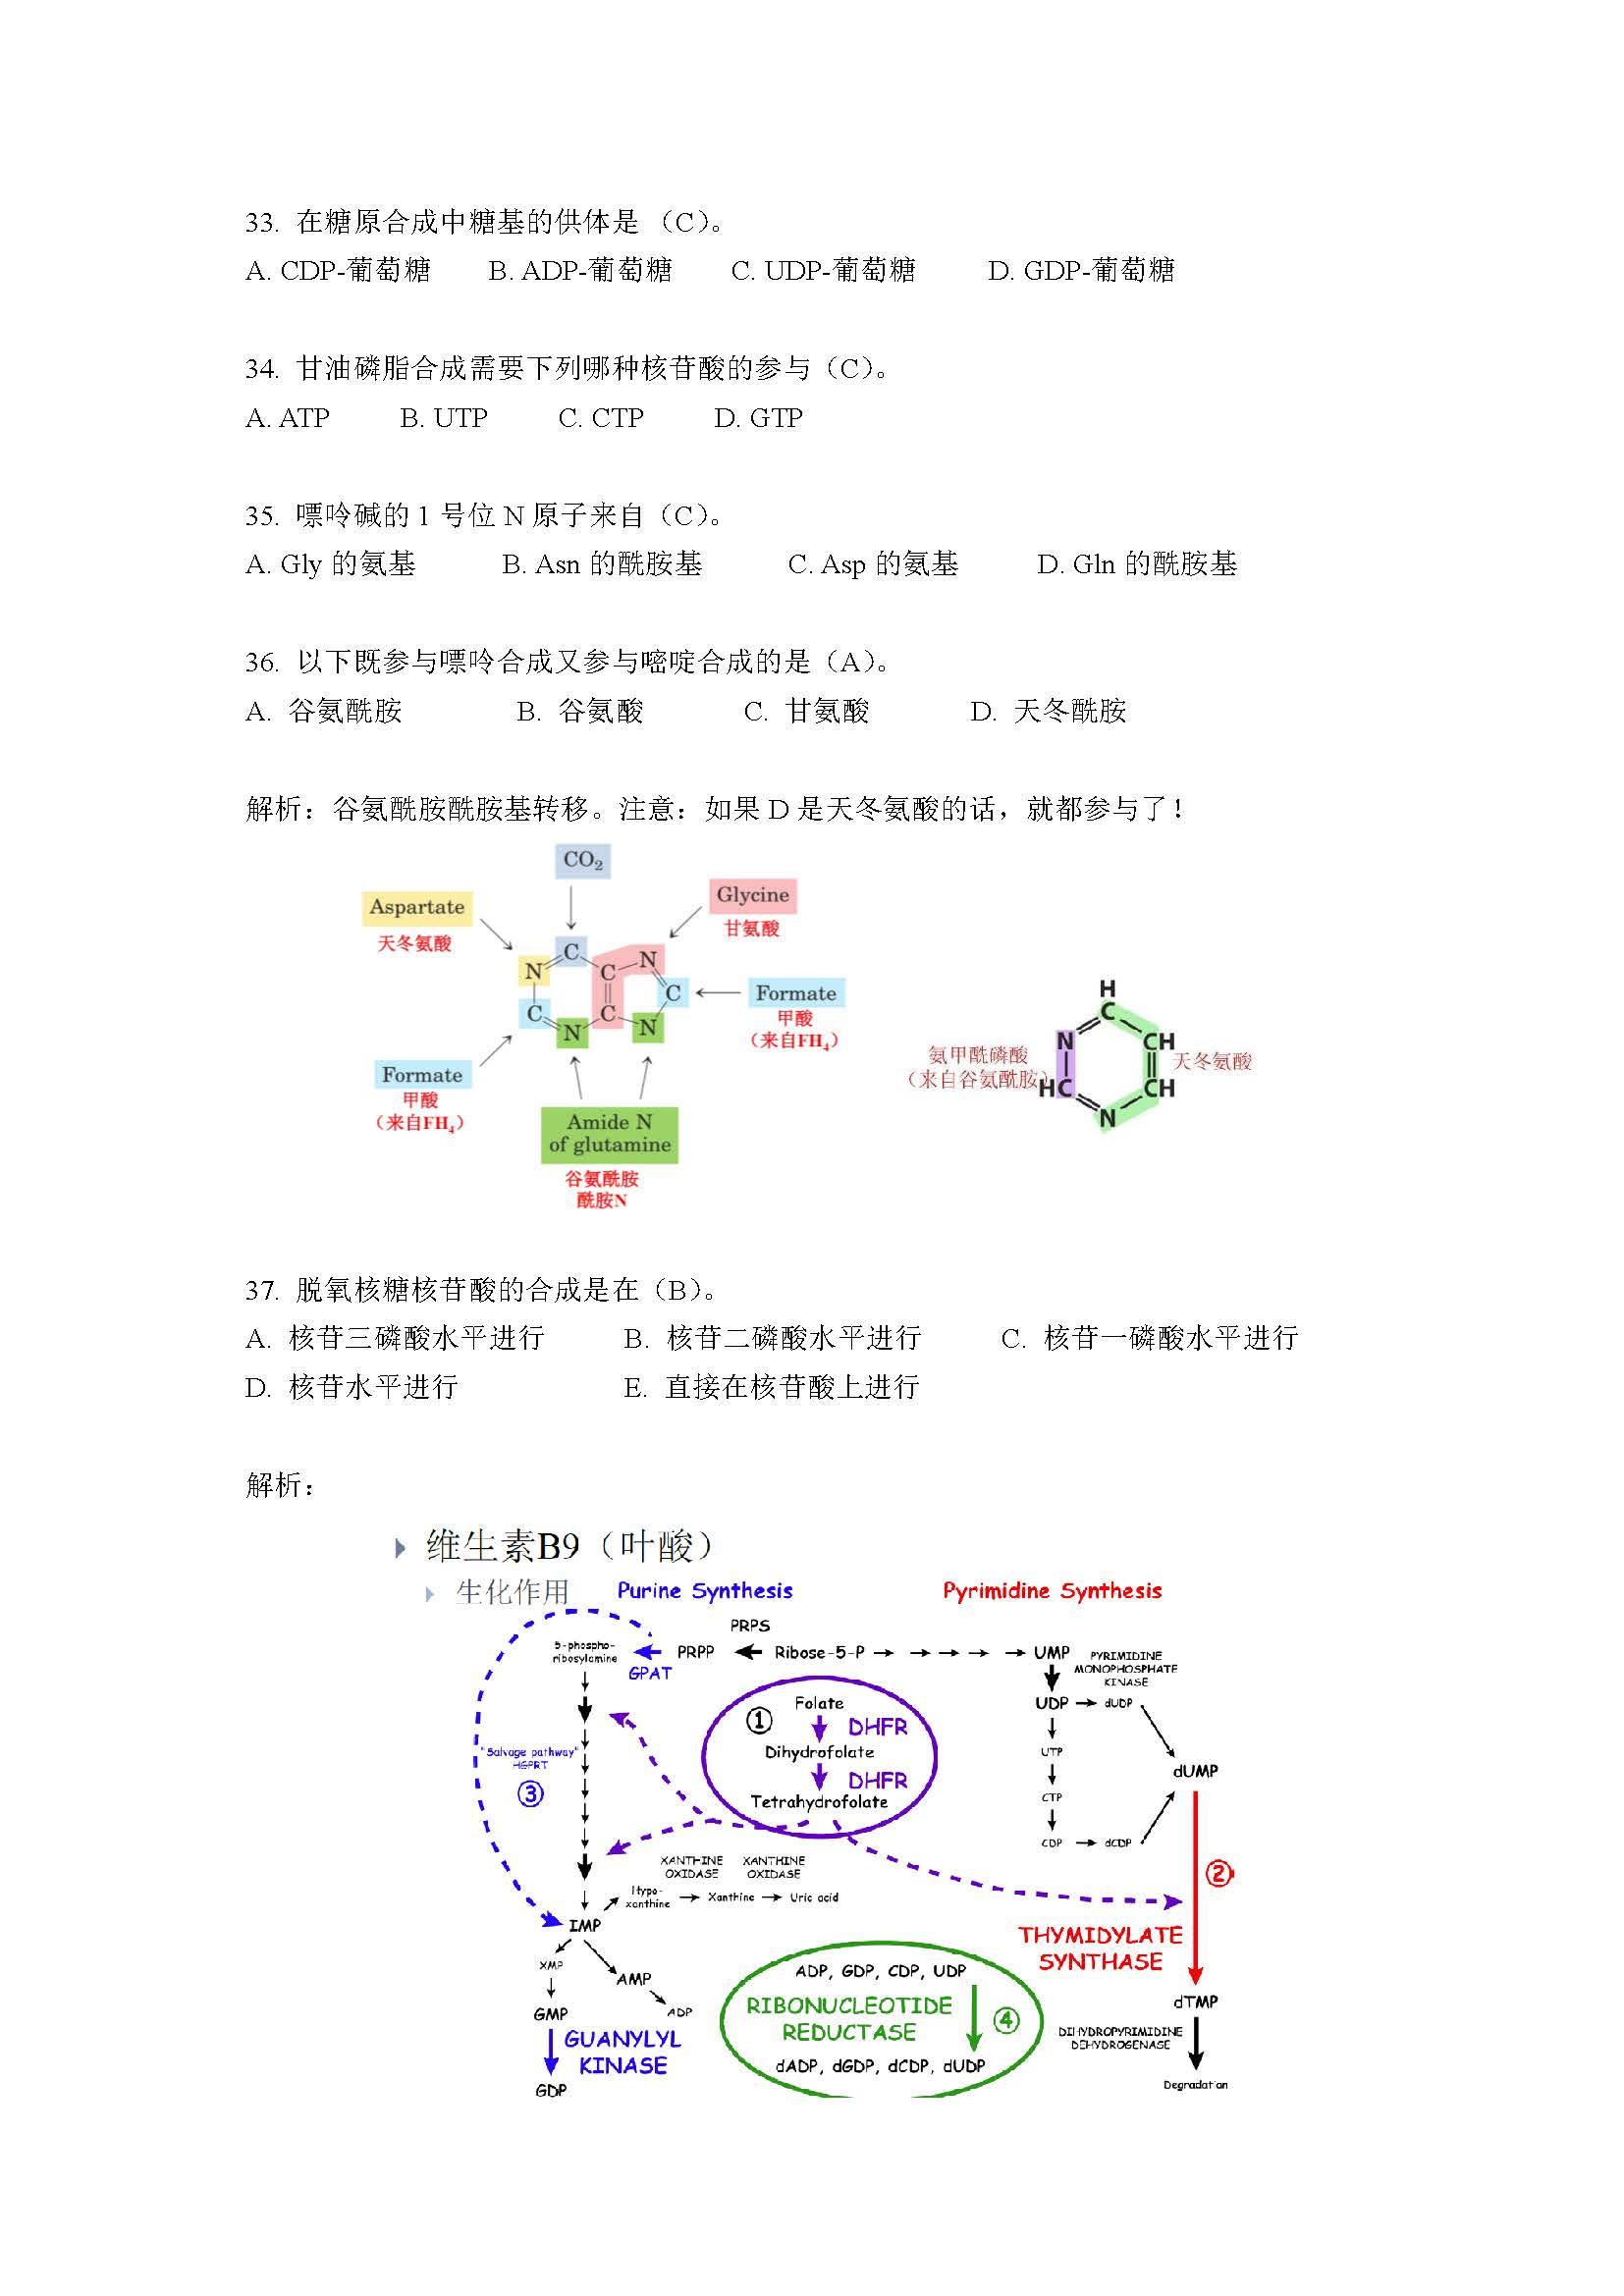 05 2015清华金秋营笔试模拟题答案简析_页面_16